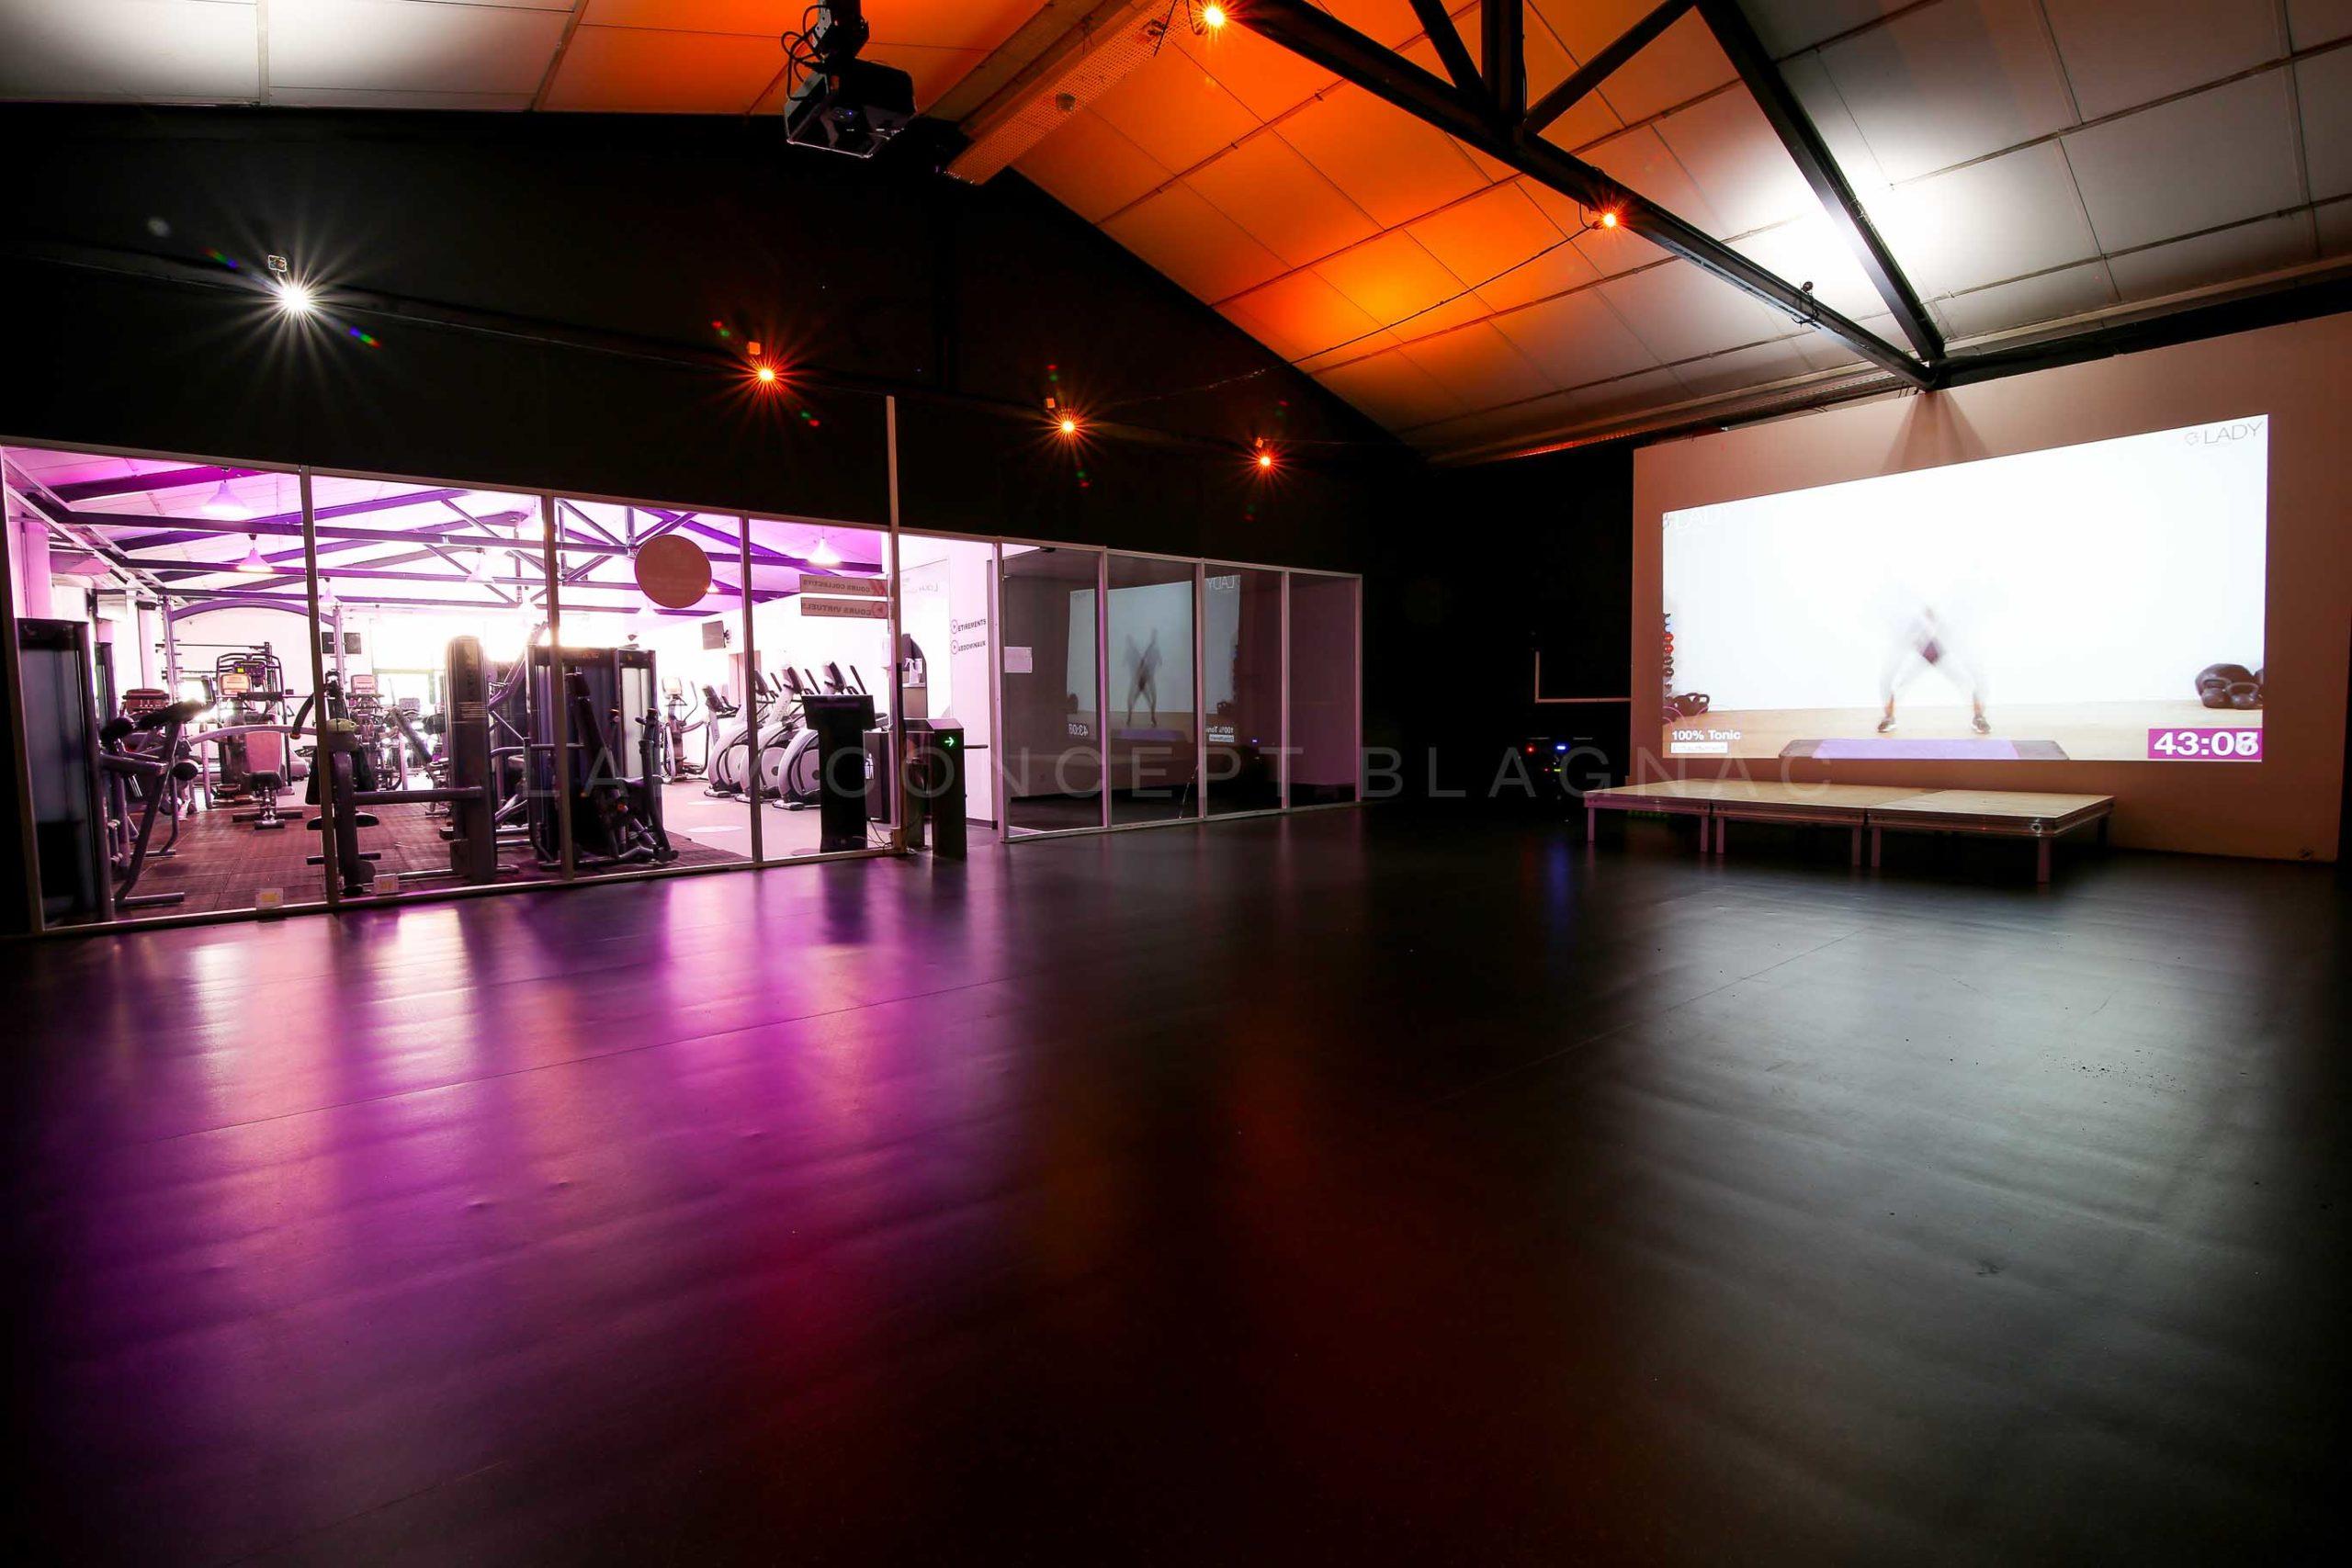 Salle de sport à Blagnac - Lady Concept